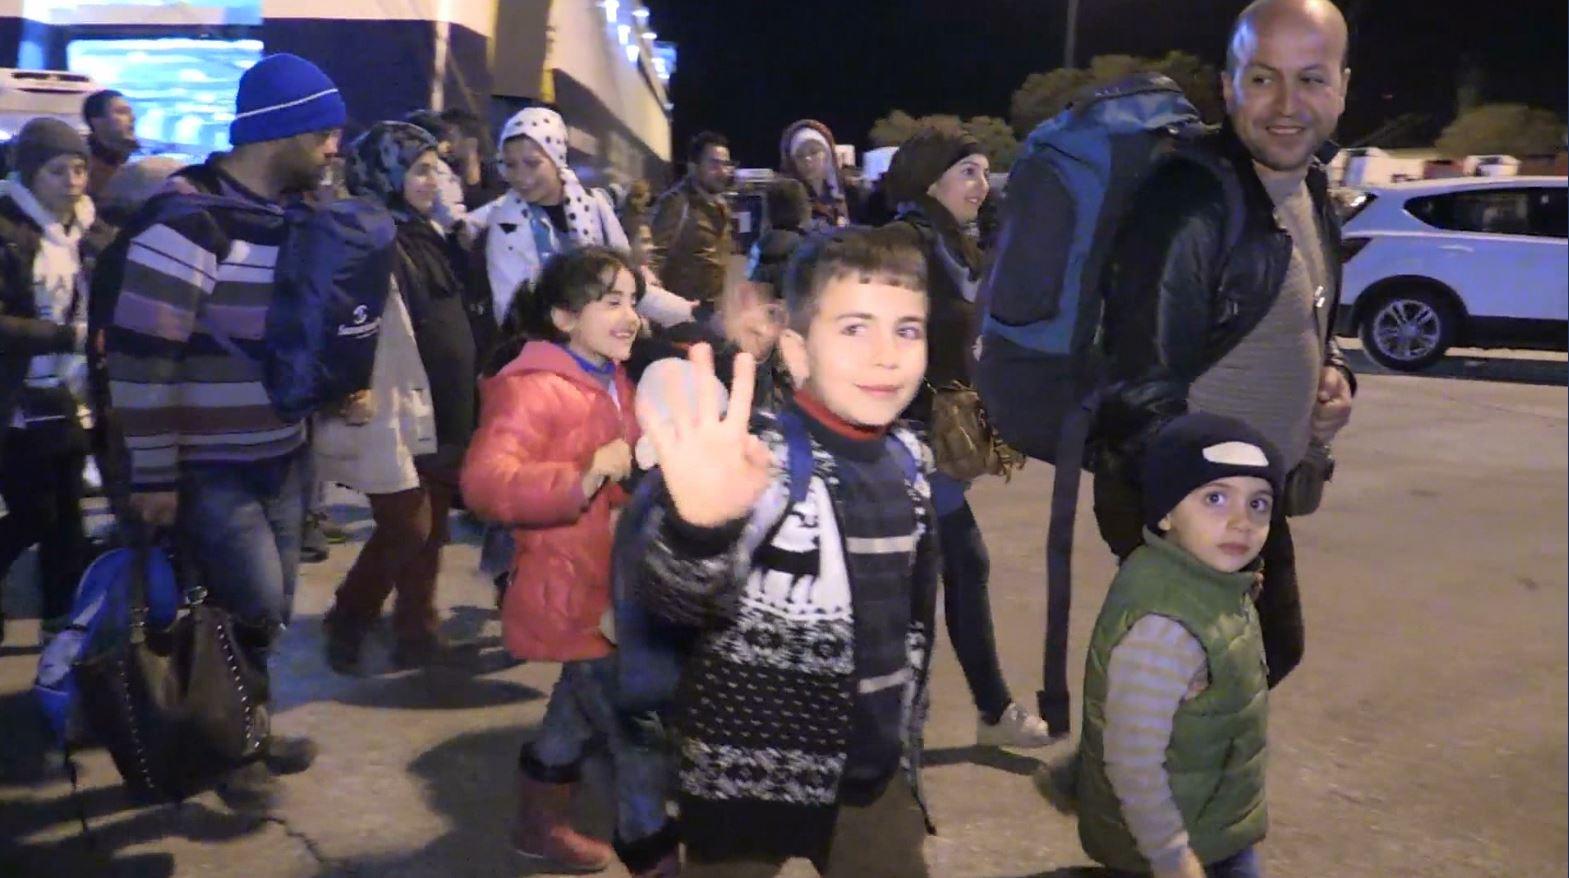 Greqi, qeveria ashpërson masat për azilantët